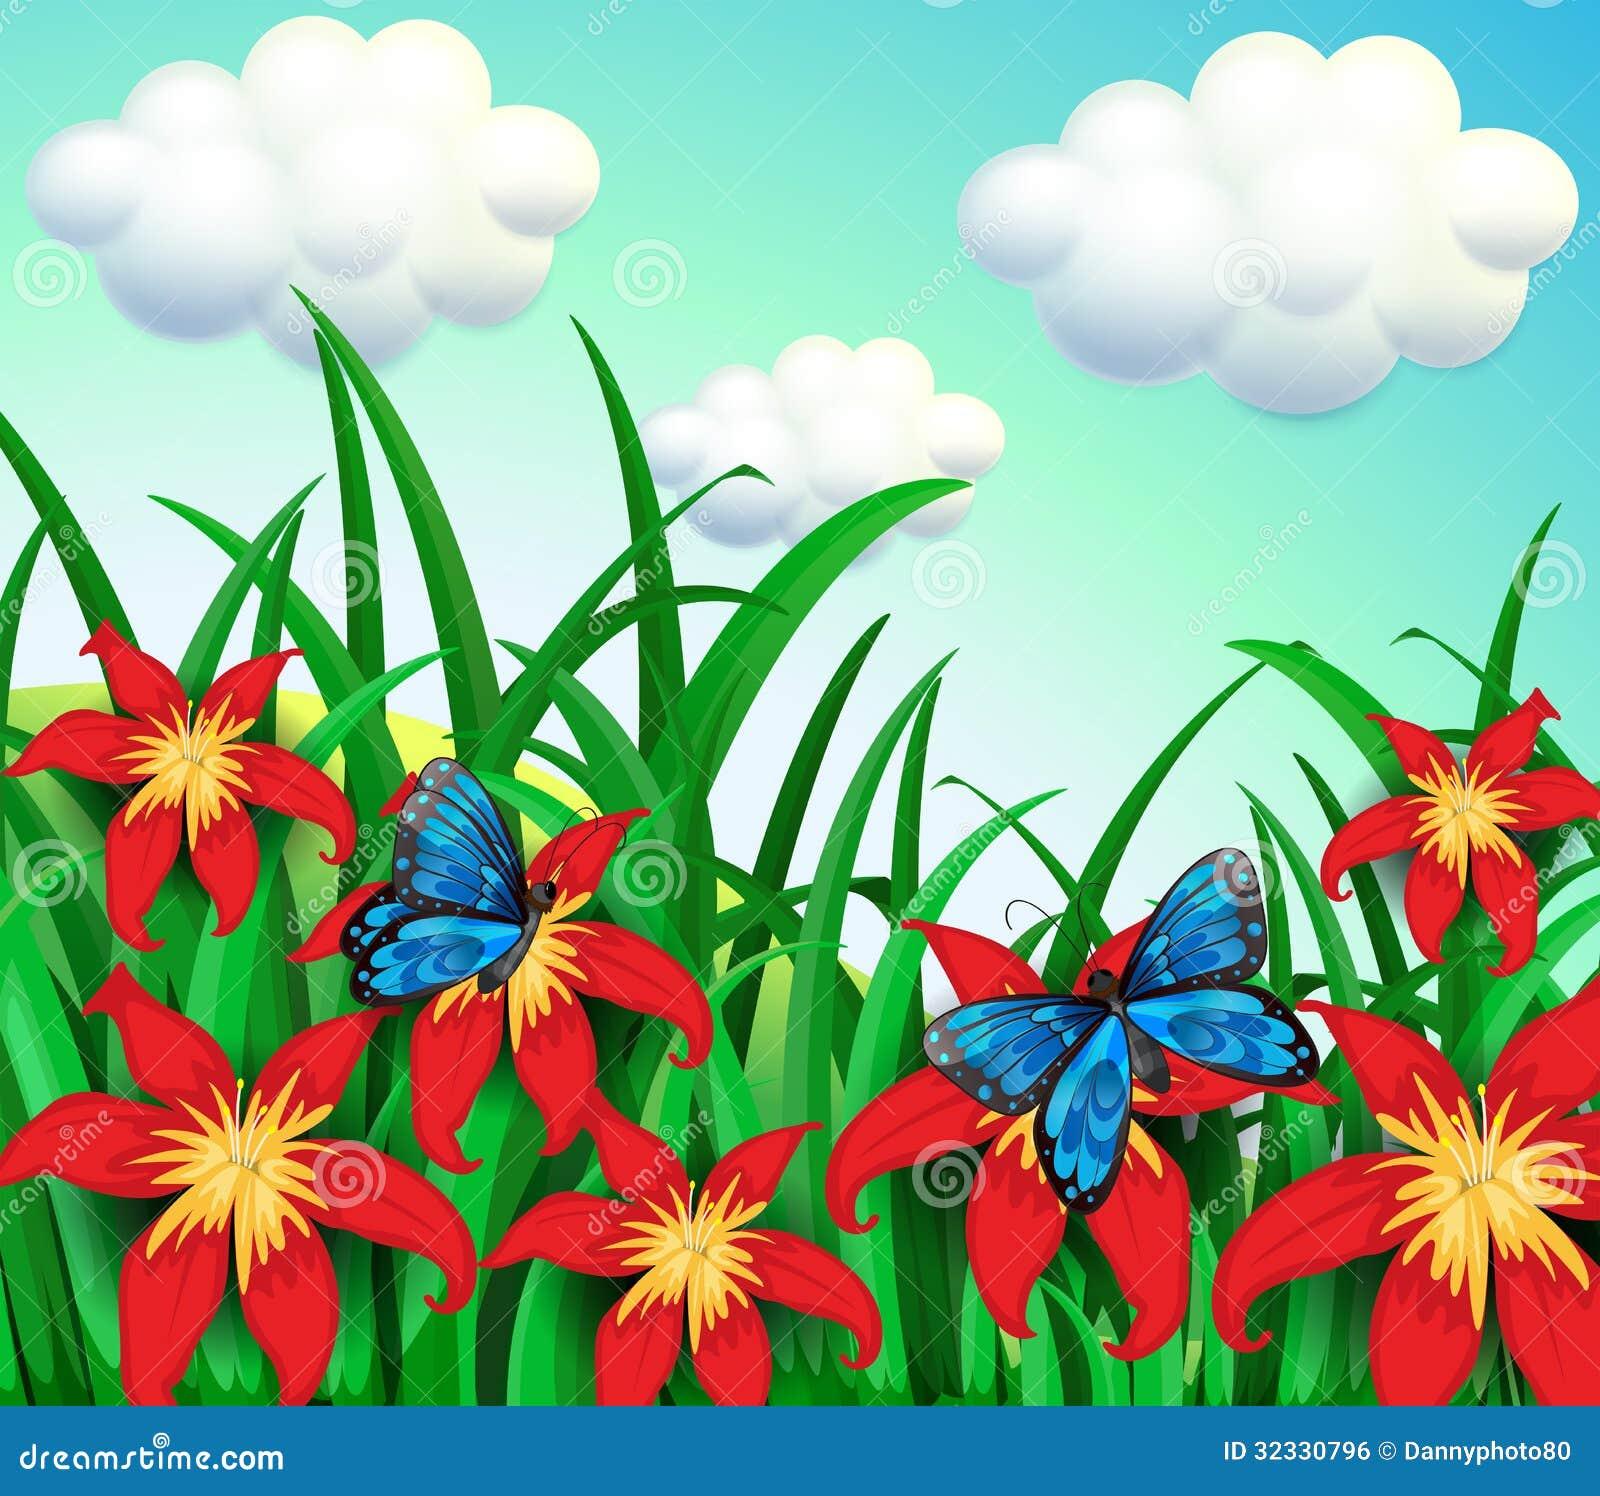 jardim rosas vermelhas:Duas Borboletas No Jardim Com Flores Vermelhas Imagem de Stock Royalty